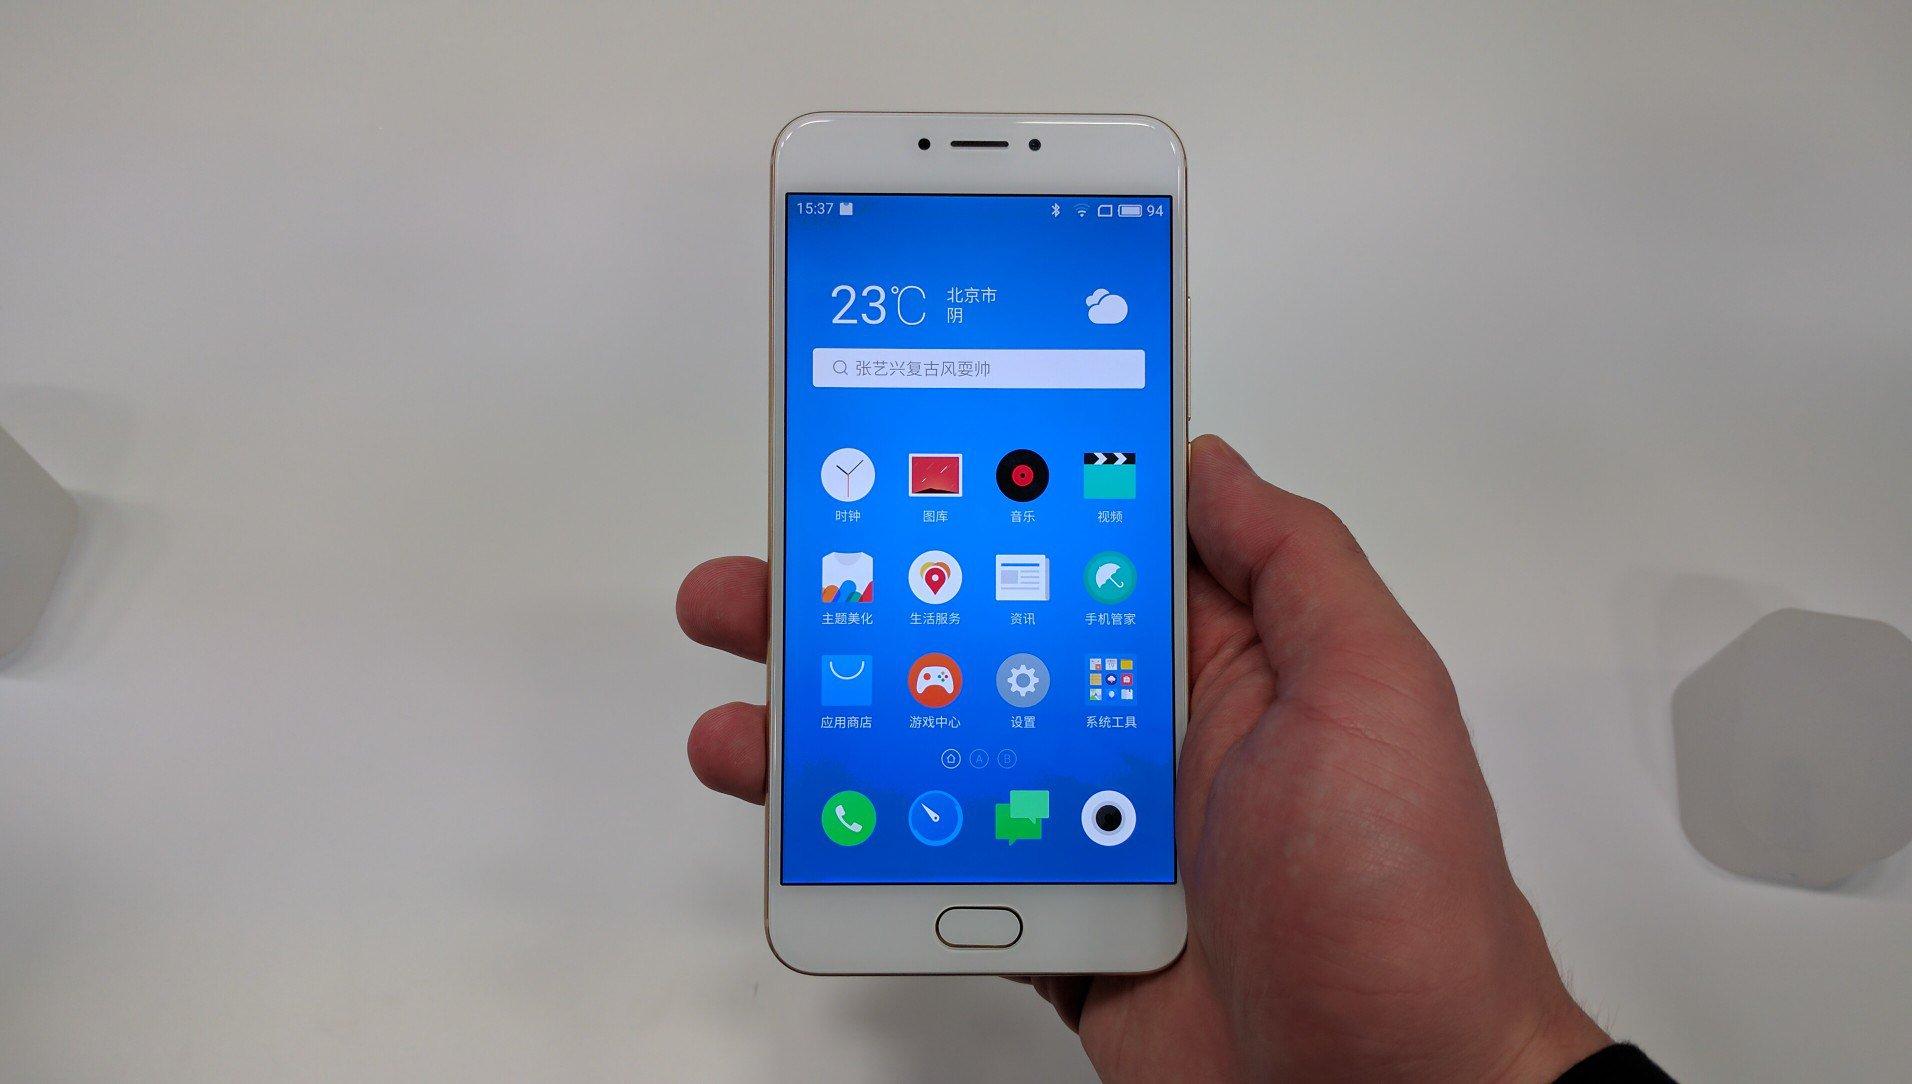 В КНР показали новый смартфон Meizu MX6— общедоступный флагман